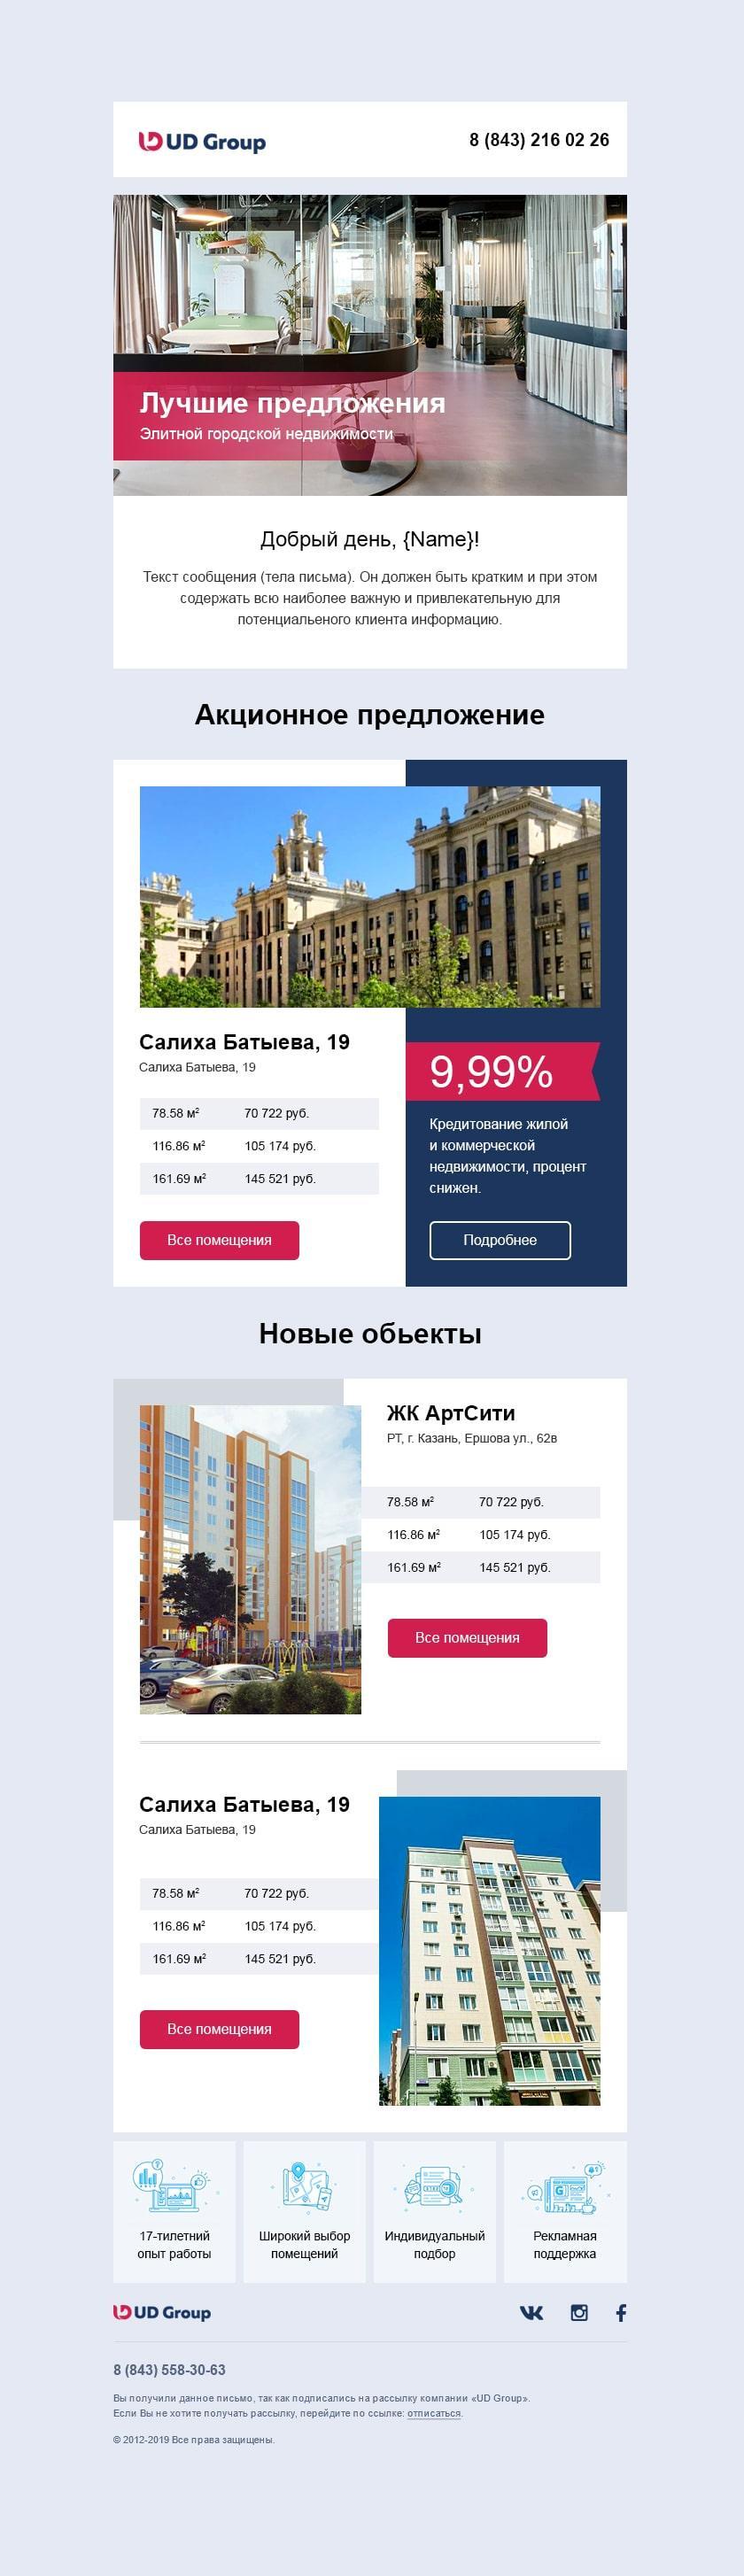 Предложения элитной недвижимости от девелоперской компании